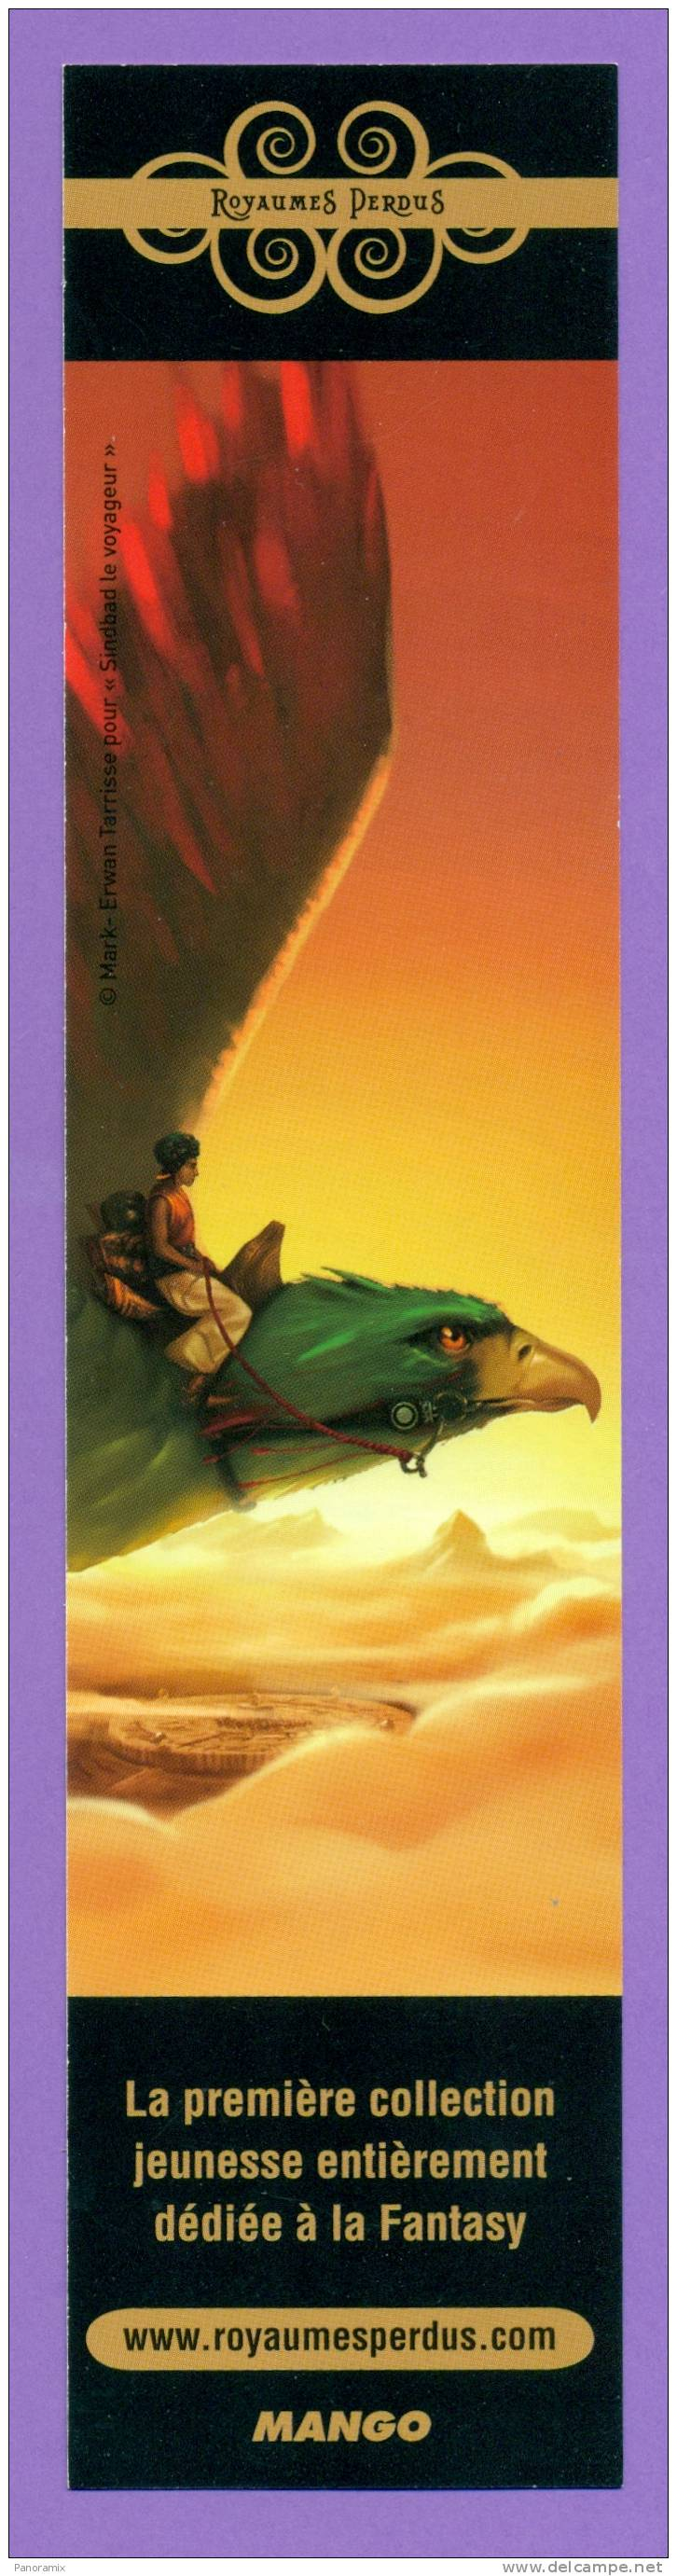 Mango   Autres  Mondes   «  Sindbad  Le  Voyageur  »   5 X 22 Cm - Marque-Pages